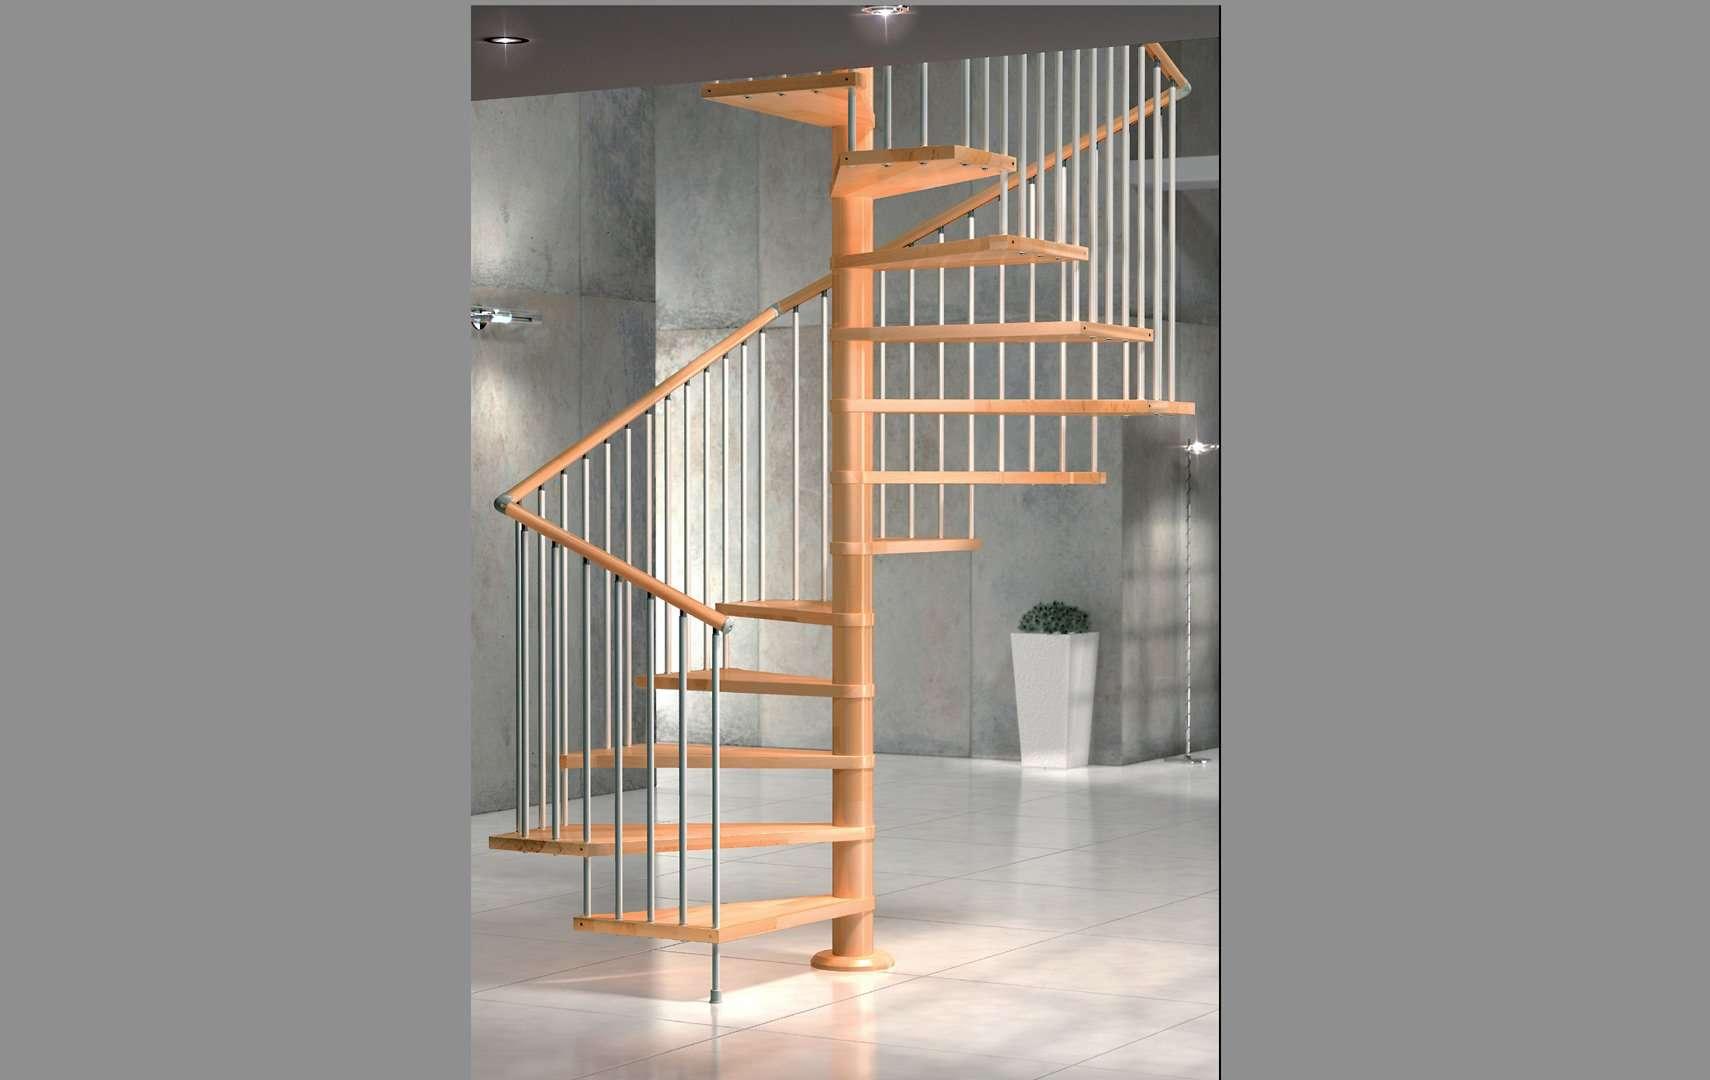 Vip ampia scelta di scale a chiocciola e scale elicoidali in legno per interni con - Scale a chiocciola interne ...